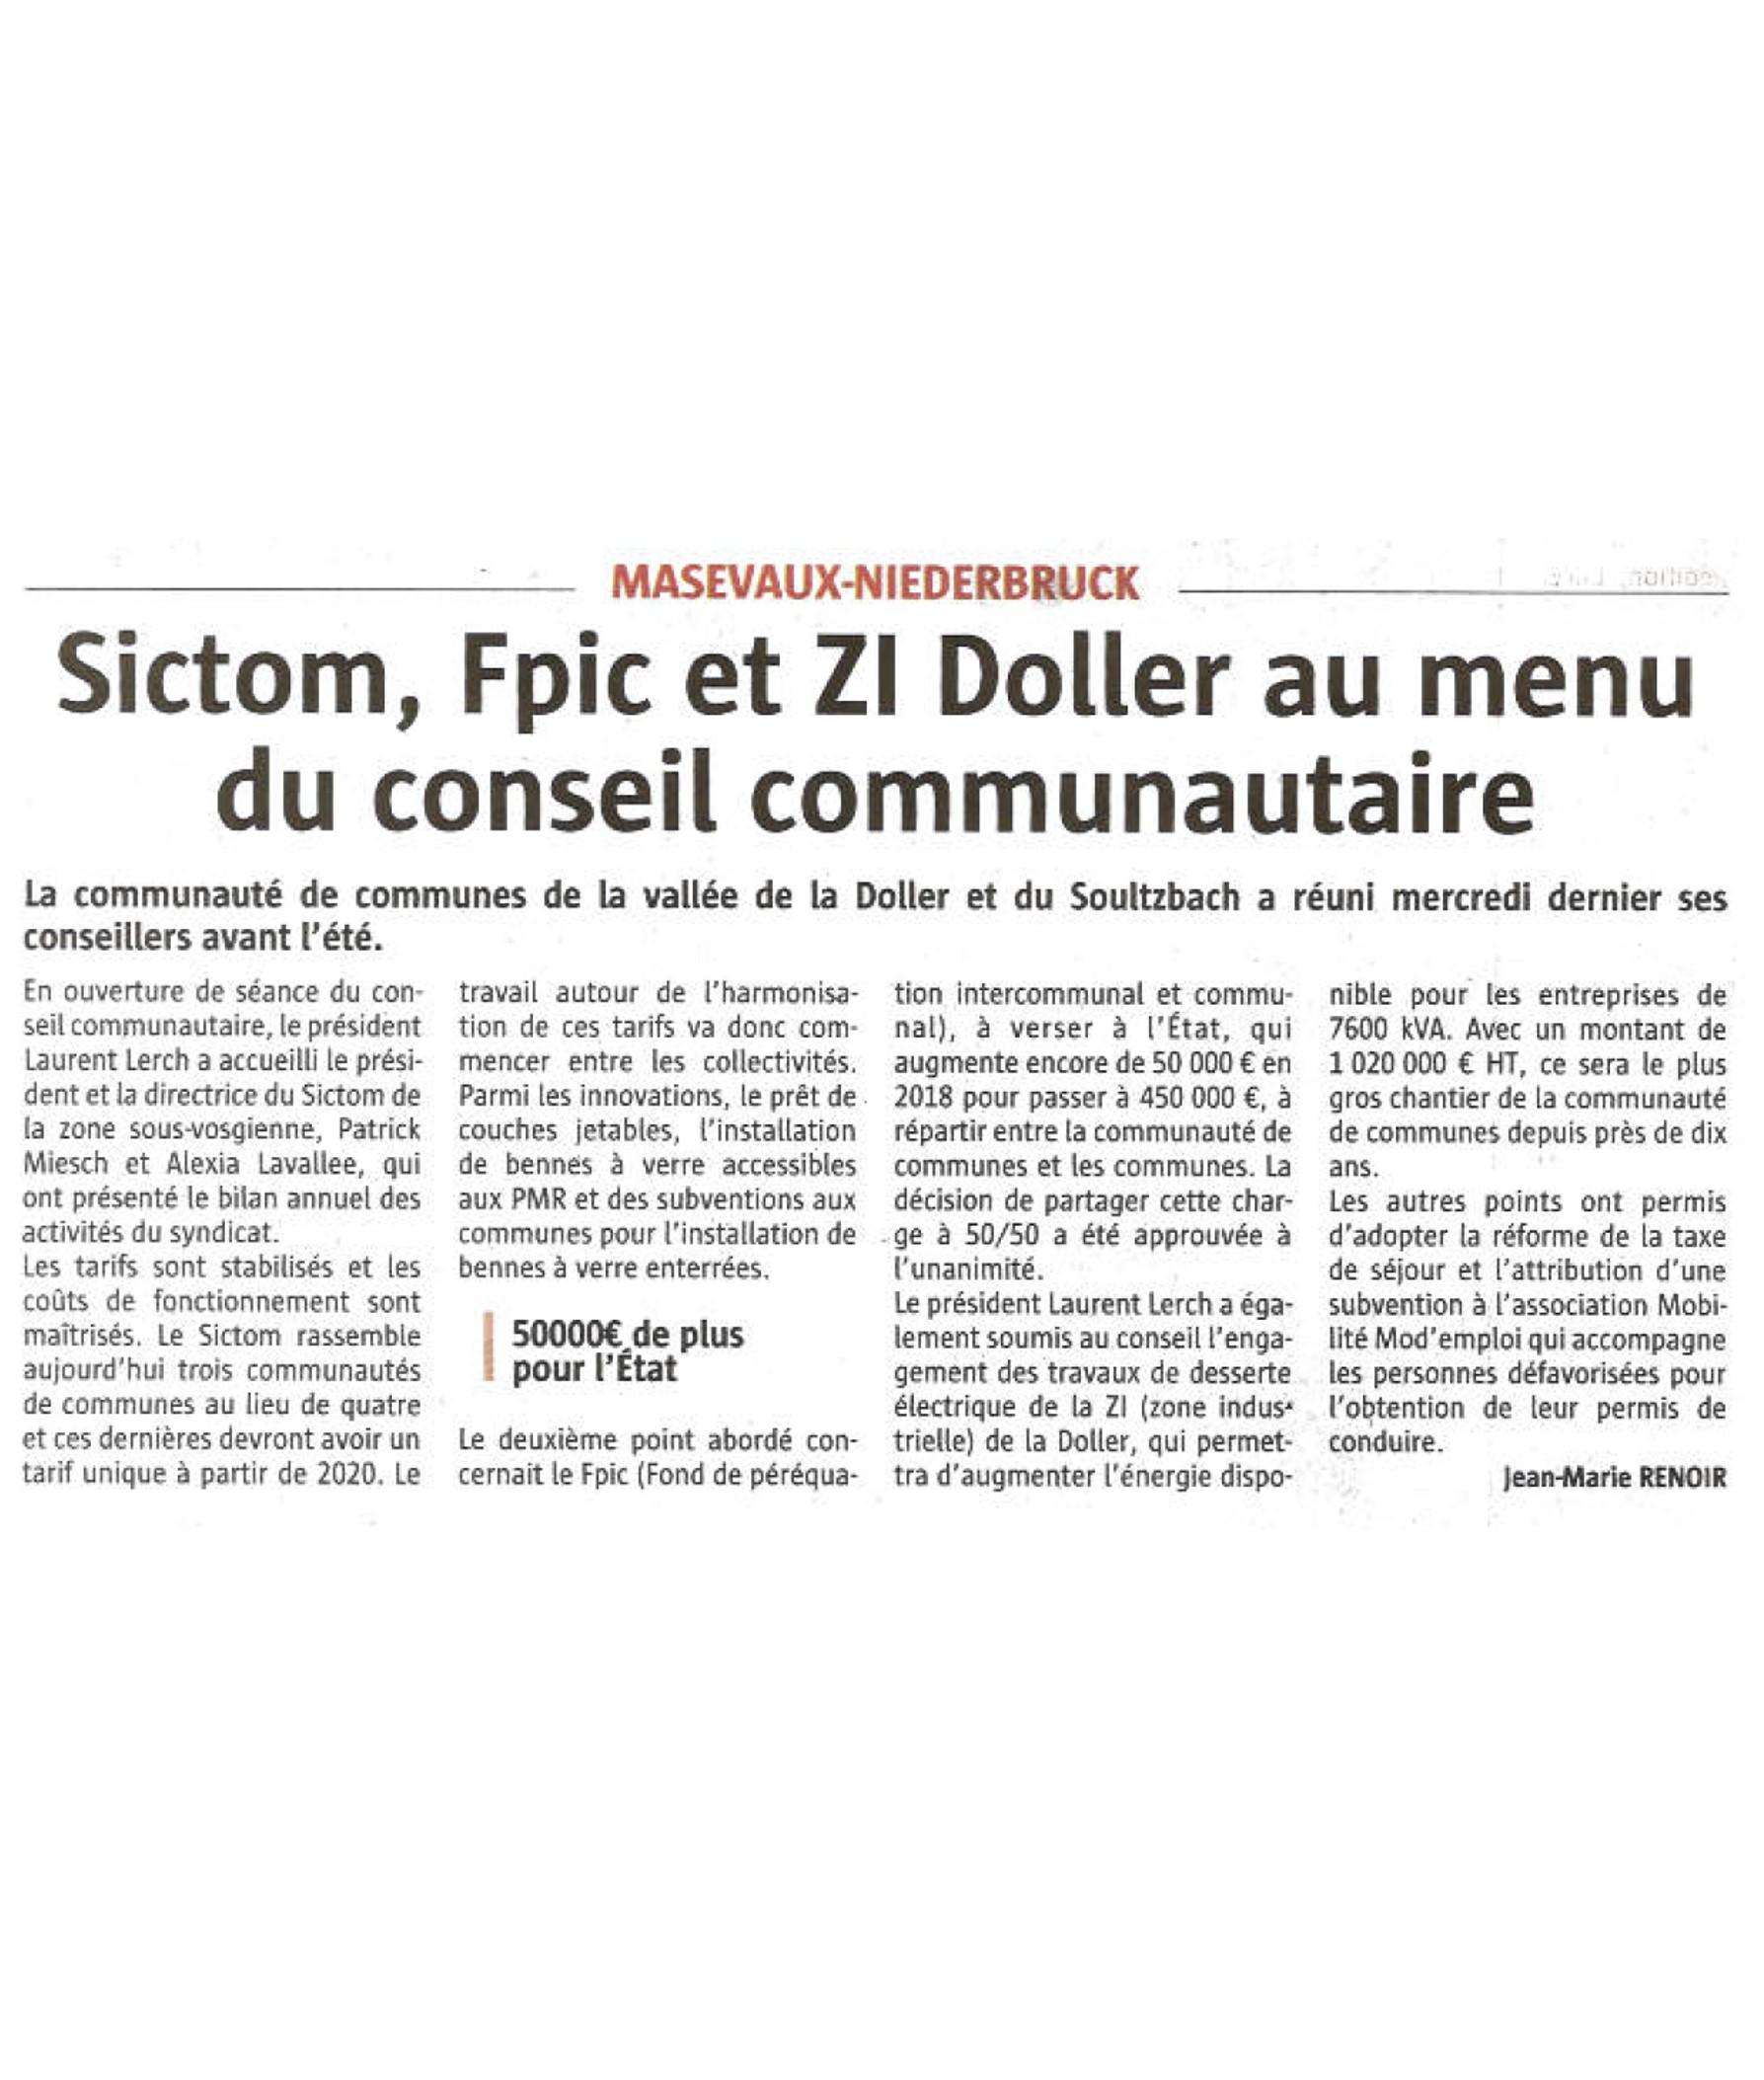 SICTOM, FPIC et ZI Doller au menu du Conseil Communautaire - L'Alsace (30-06-2018)